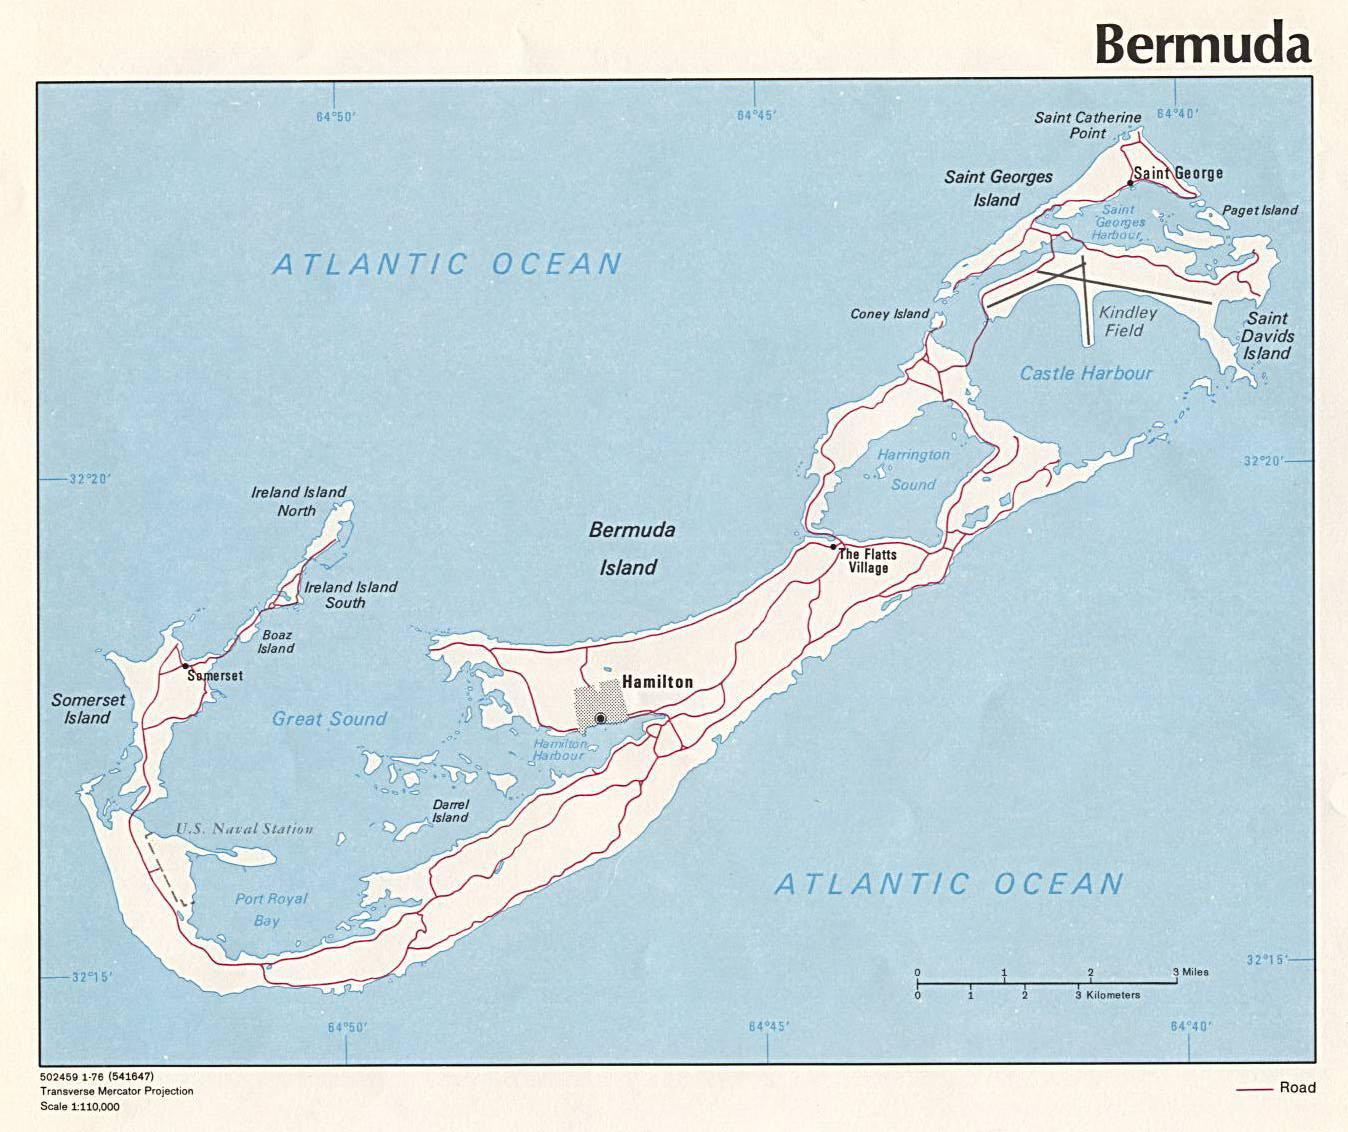 Large detailed road map of Bermuda. Bermuda large detailed road map on